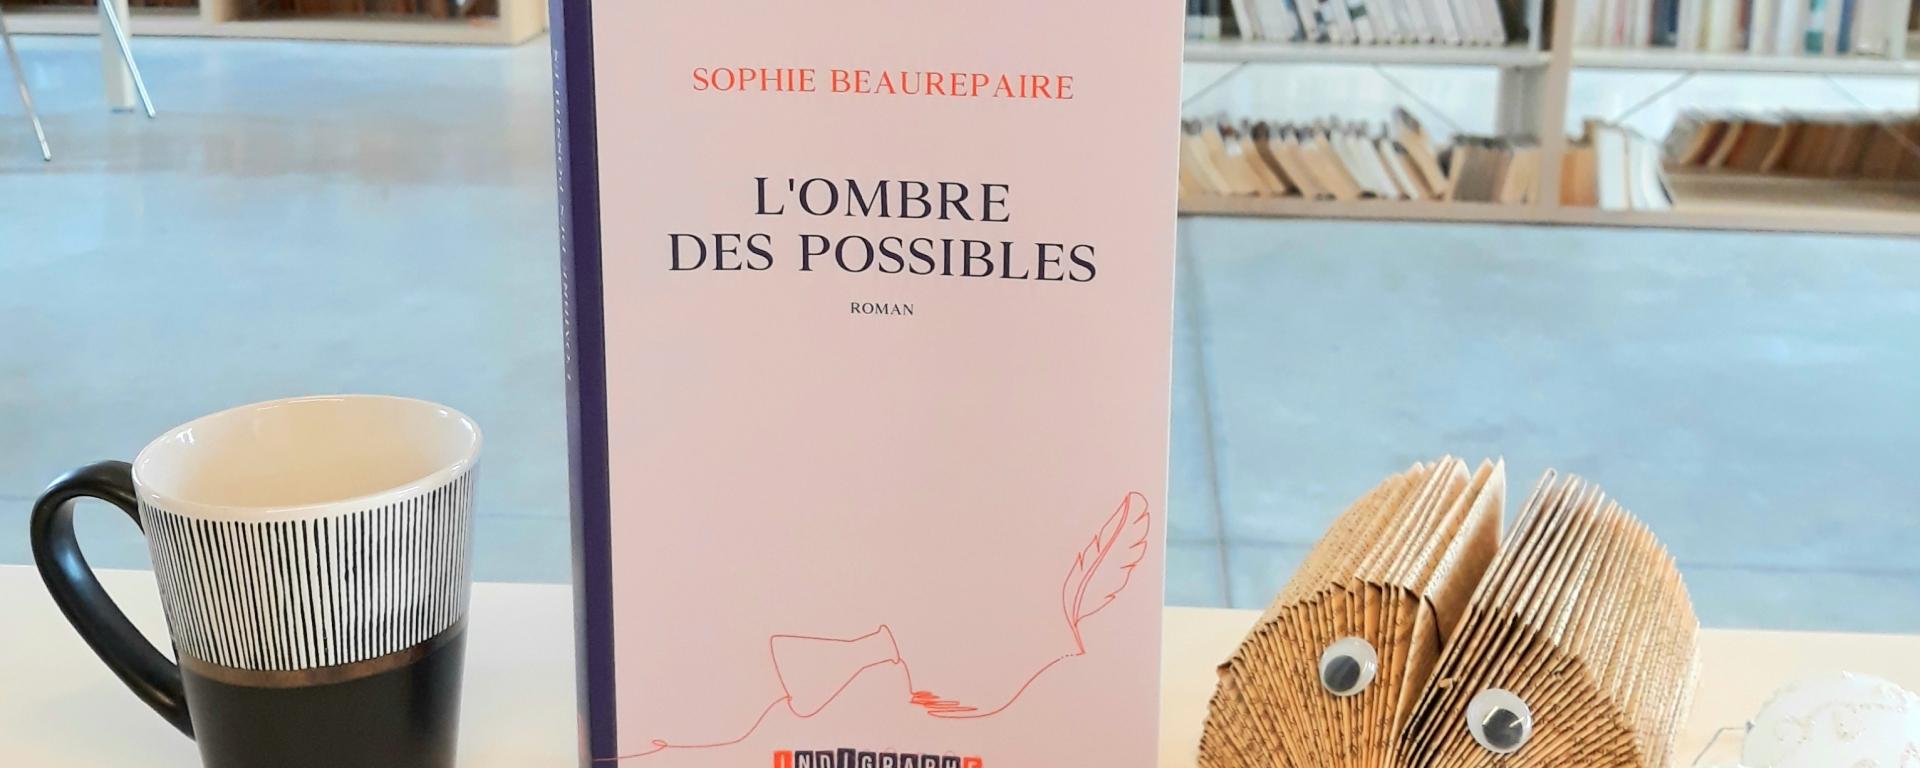 l'ombre des possibles Sophie Beaurepaire